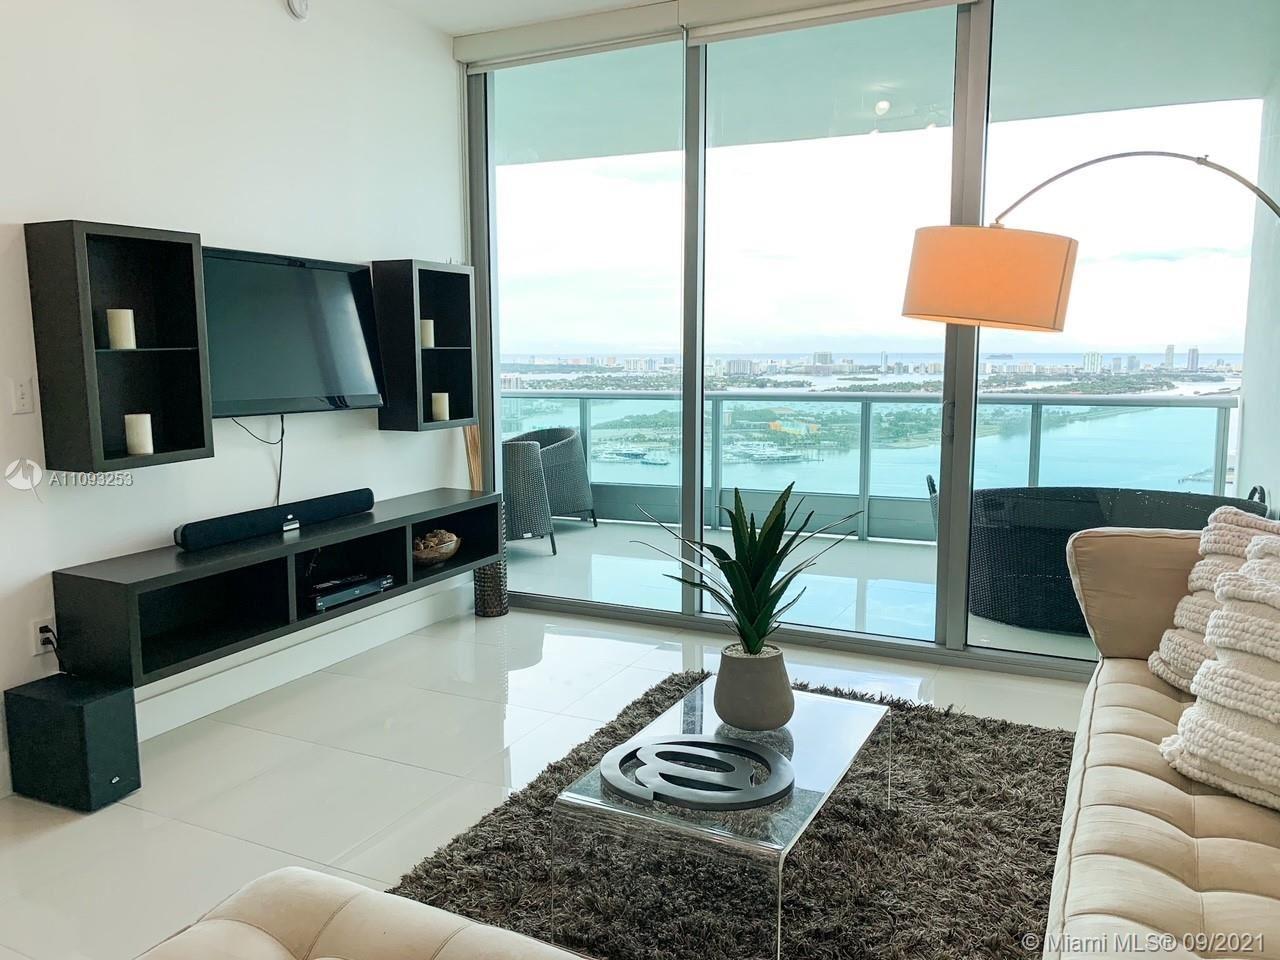 900 Biscayne Blvd #4107, Miami, FL 33132 - #: A11093253